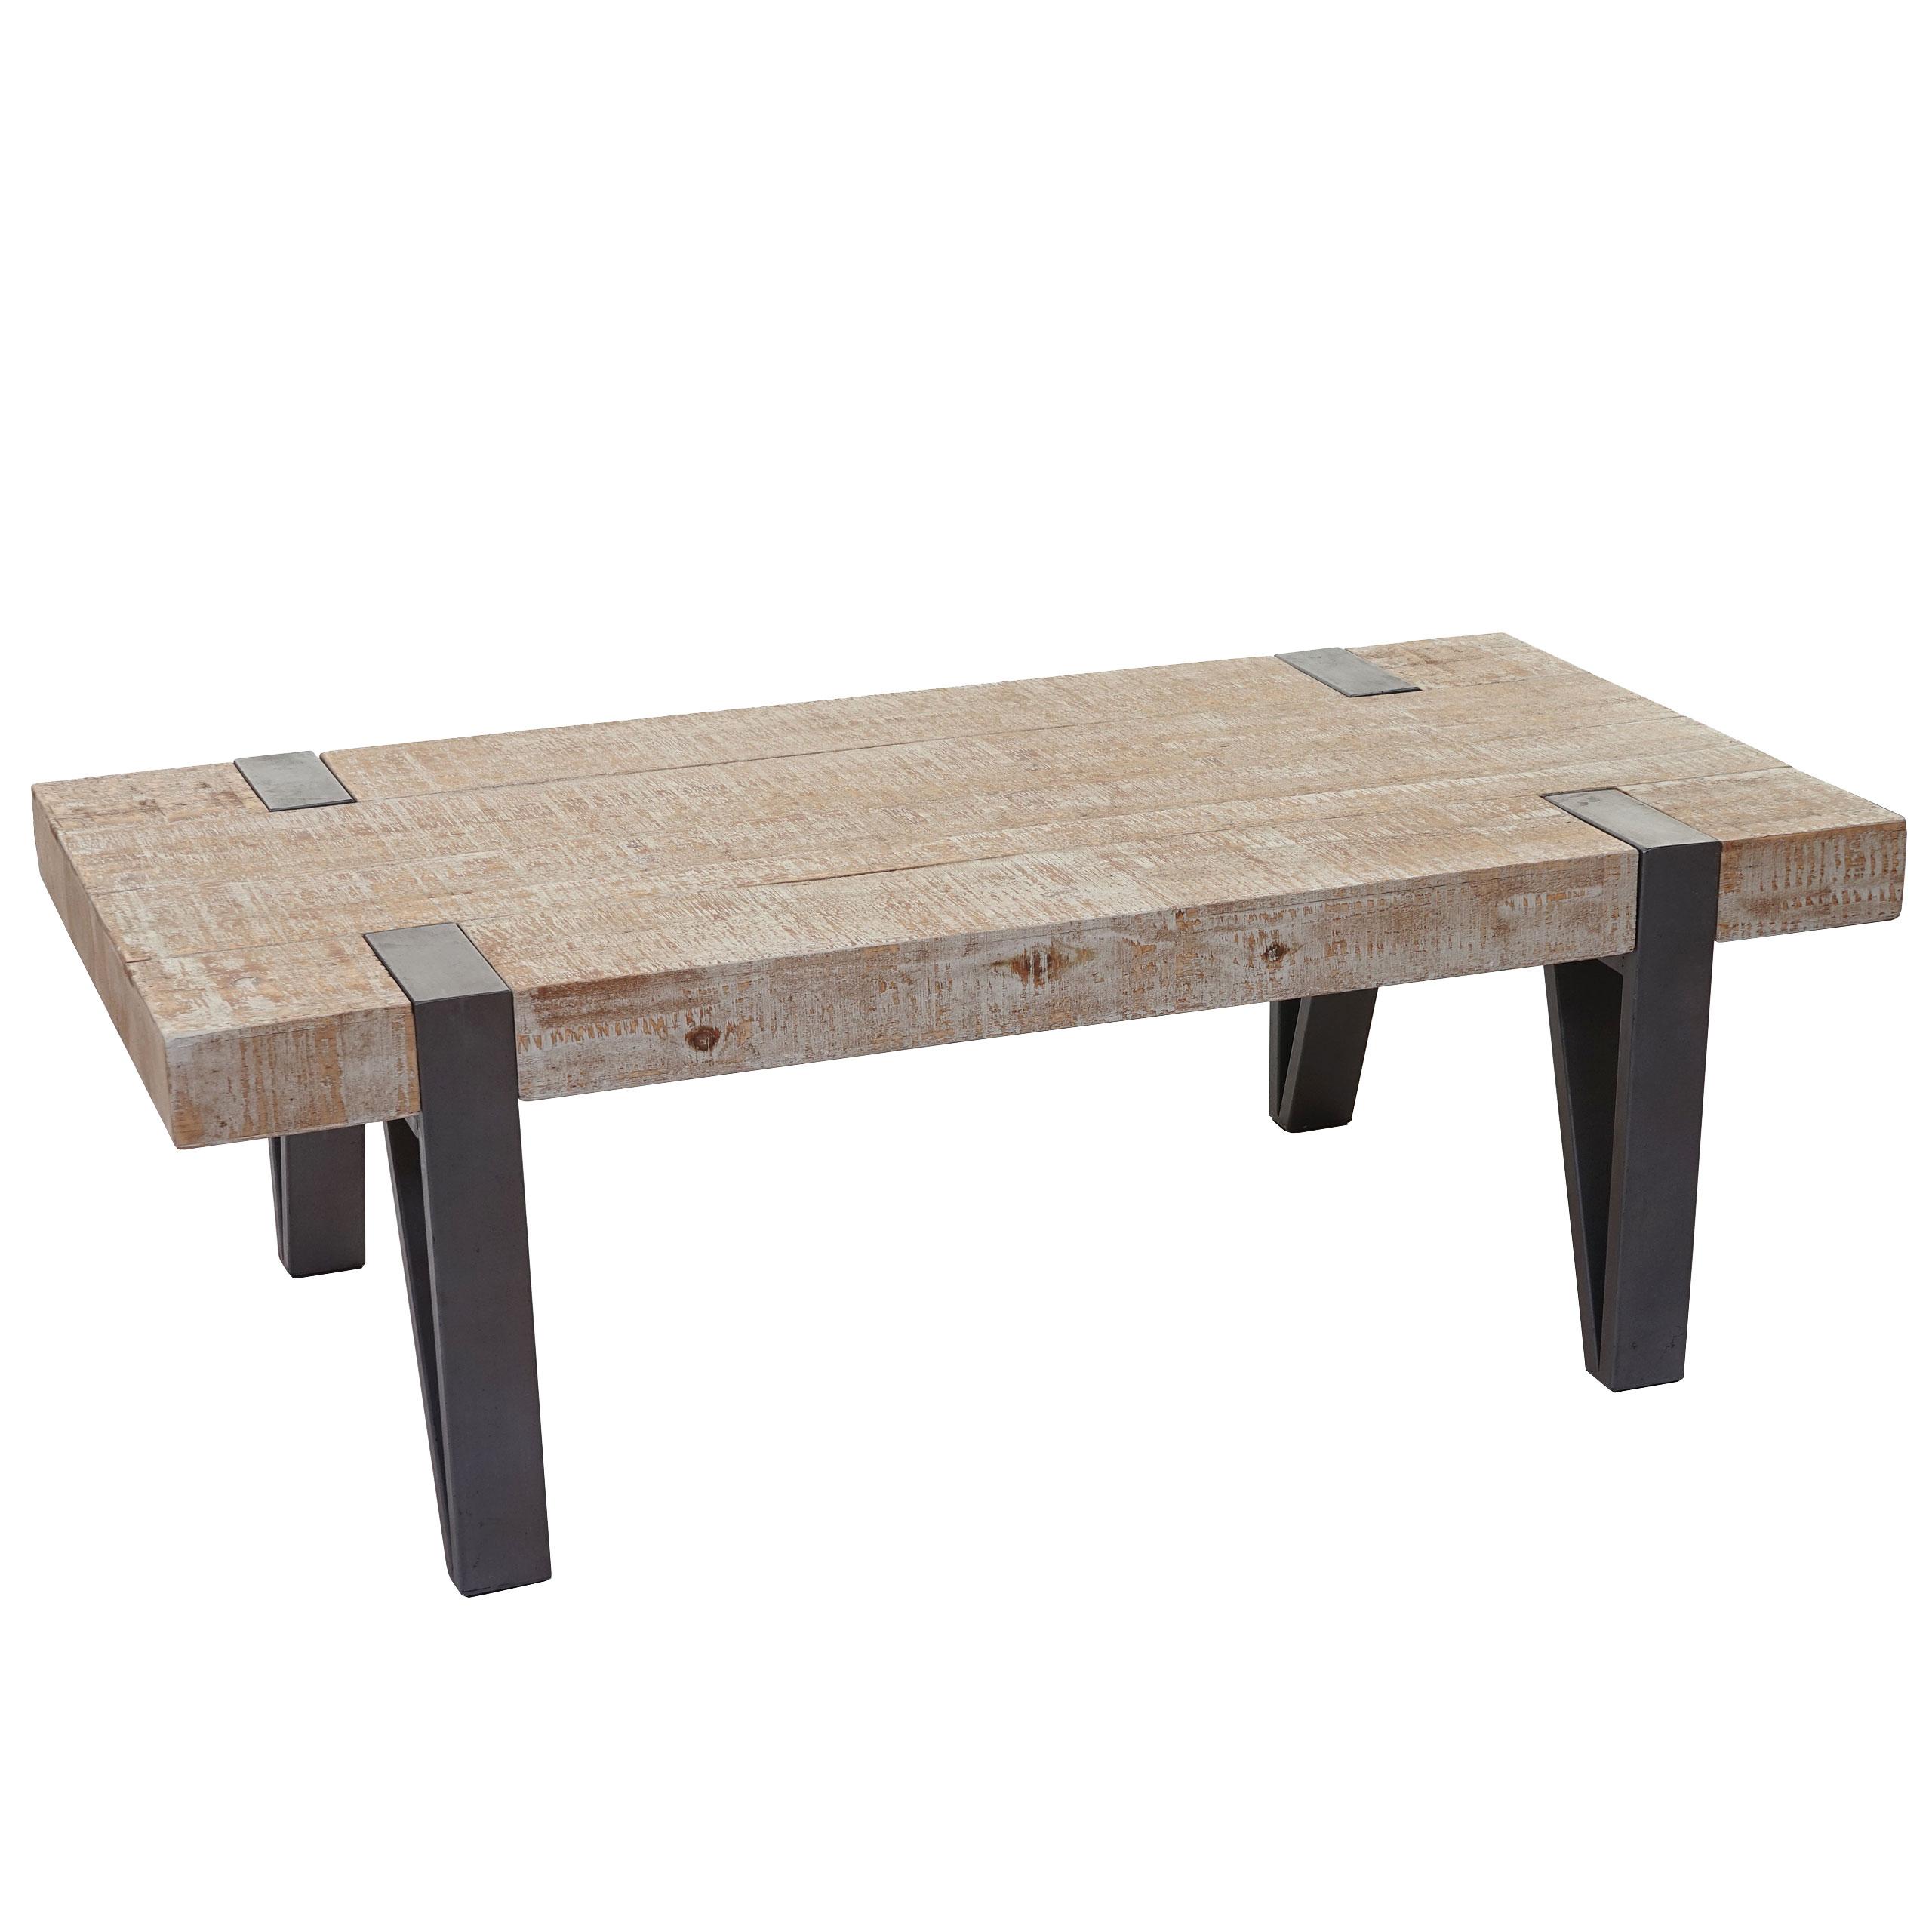 Couchtisch Hwc A15b Wohnzimmertisch Tanne Holz Rustikal Massiv